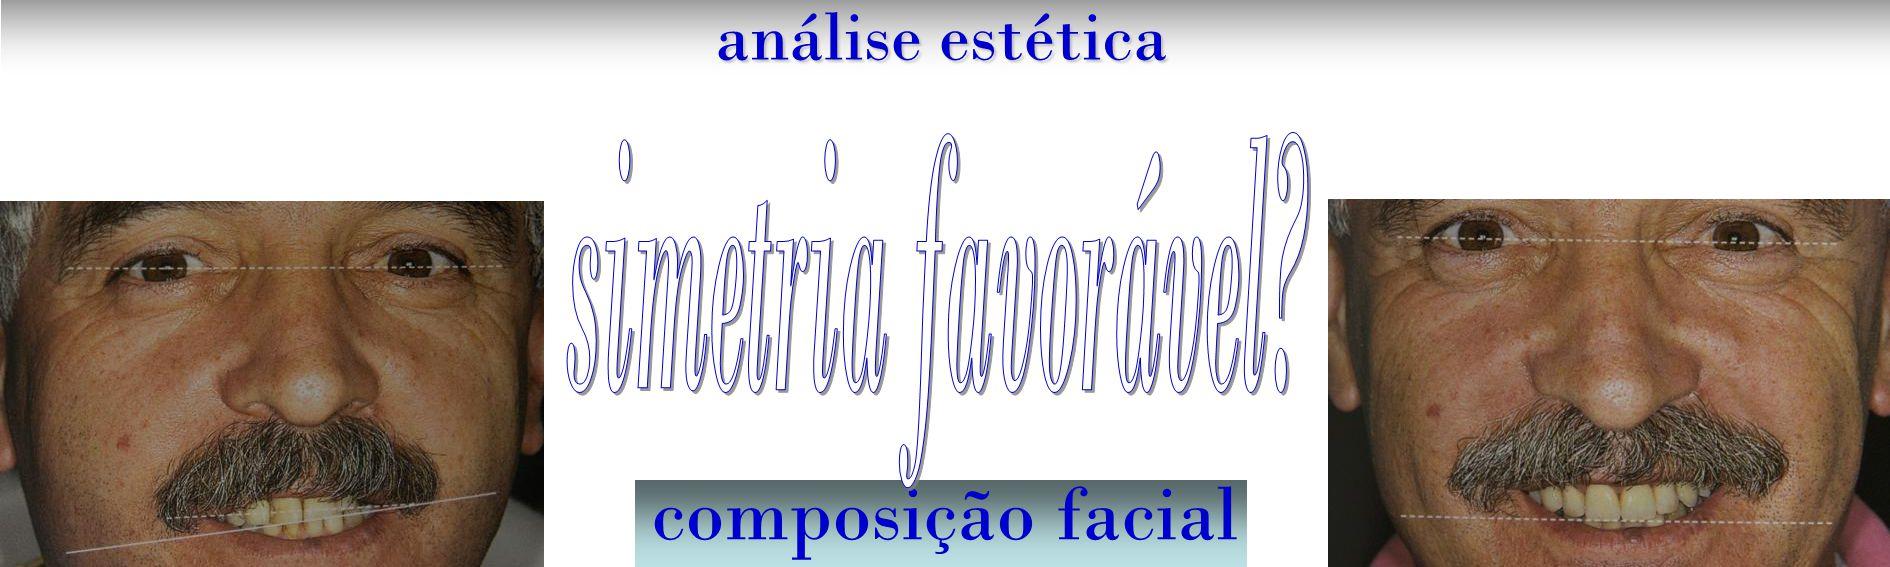 análise estética composição facial